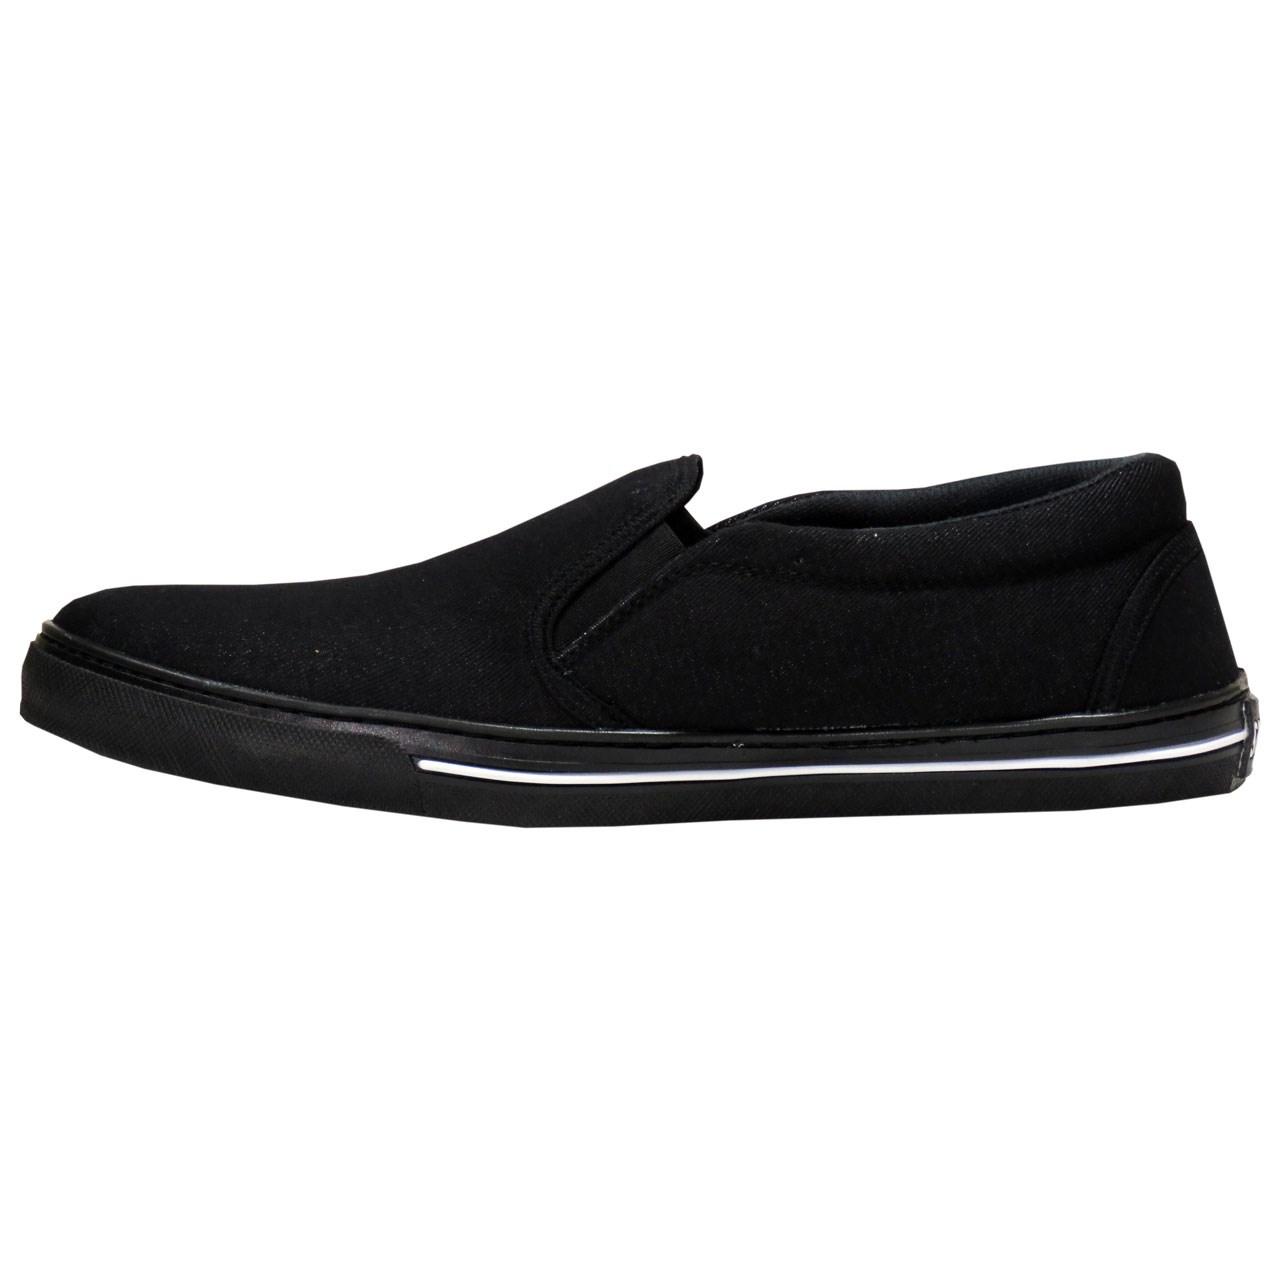 کفش  پرین مد ل ونس کدPR613S